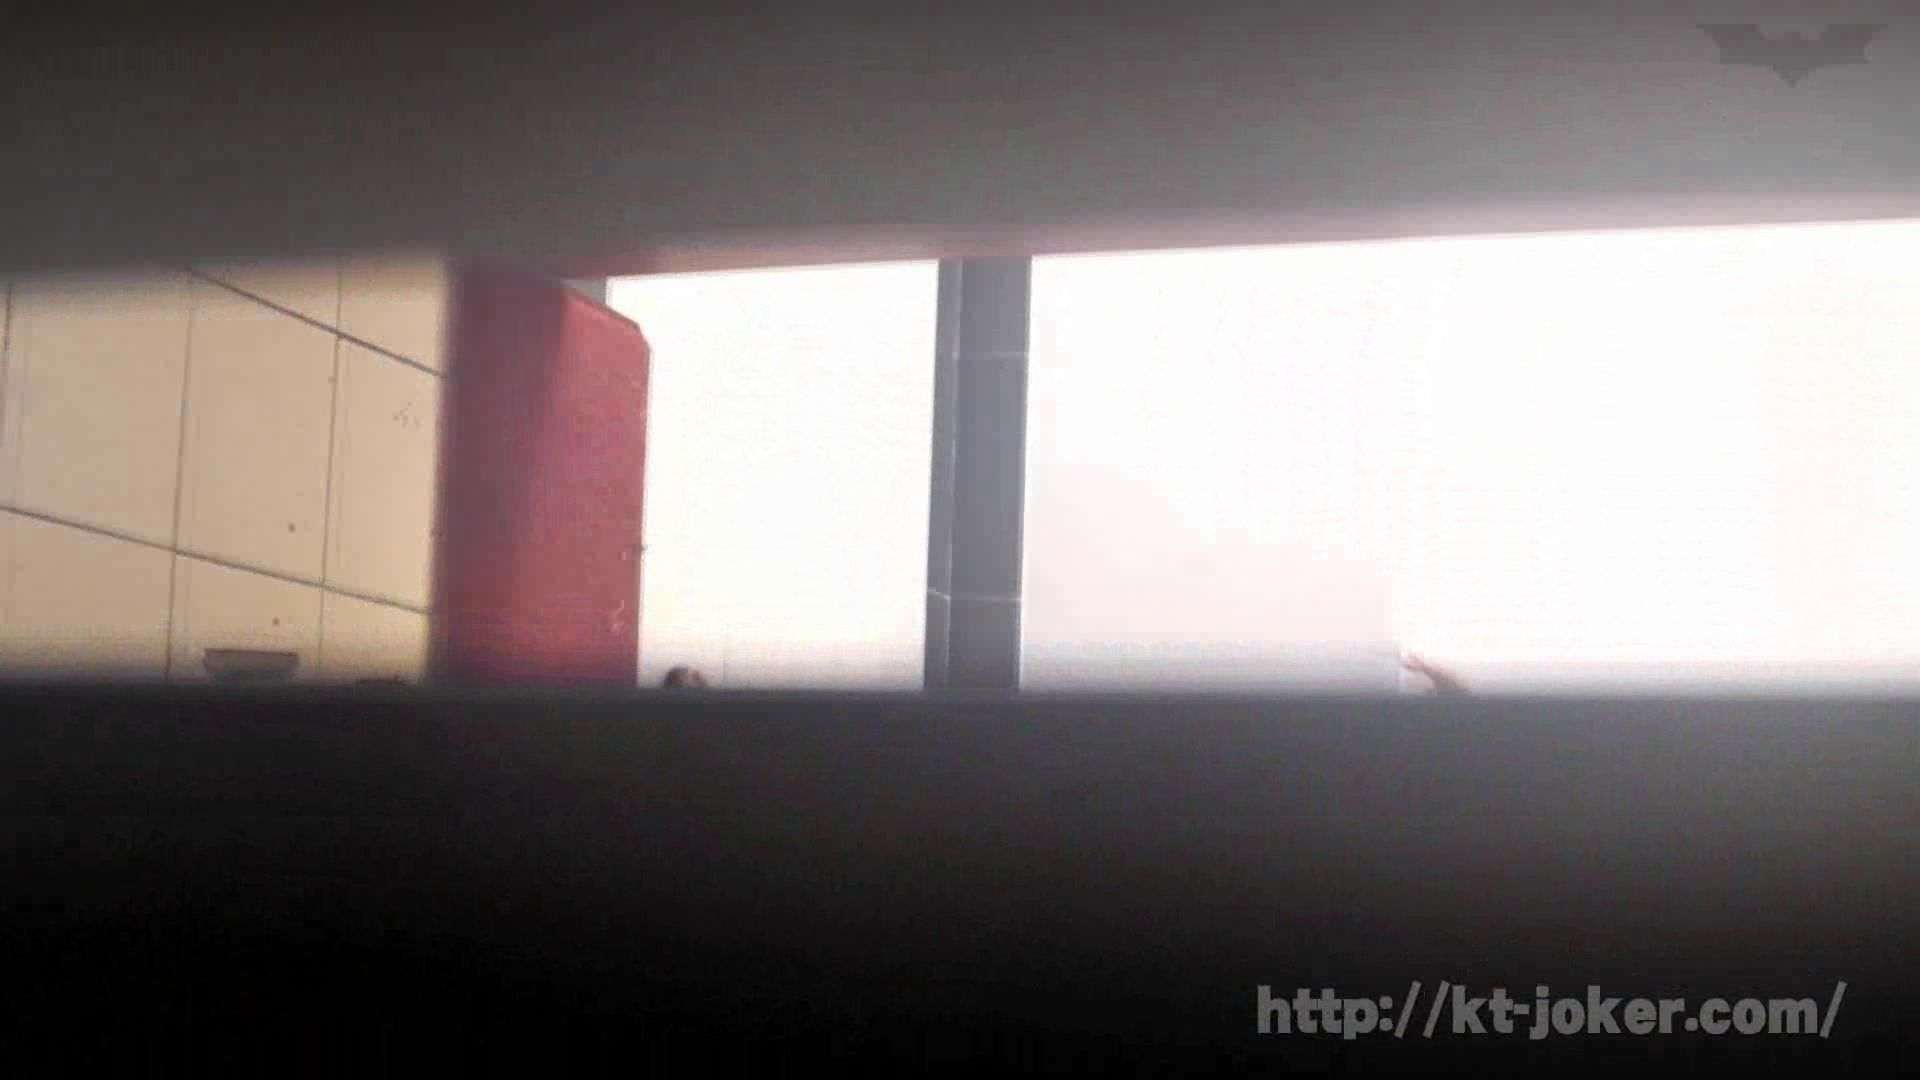 命がけ潜伏洗面所! vol.68 レベルアップ!! 洗面所 AV無料動画キャプチャ 109PIX 95